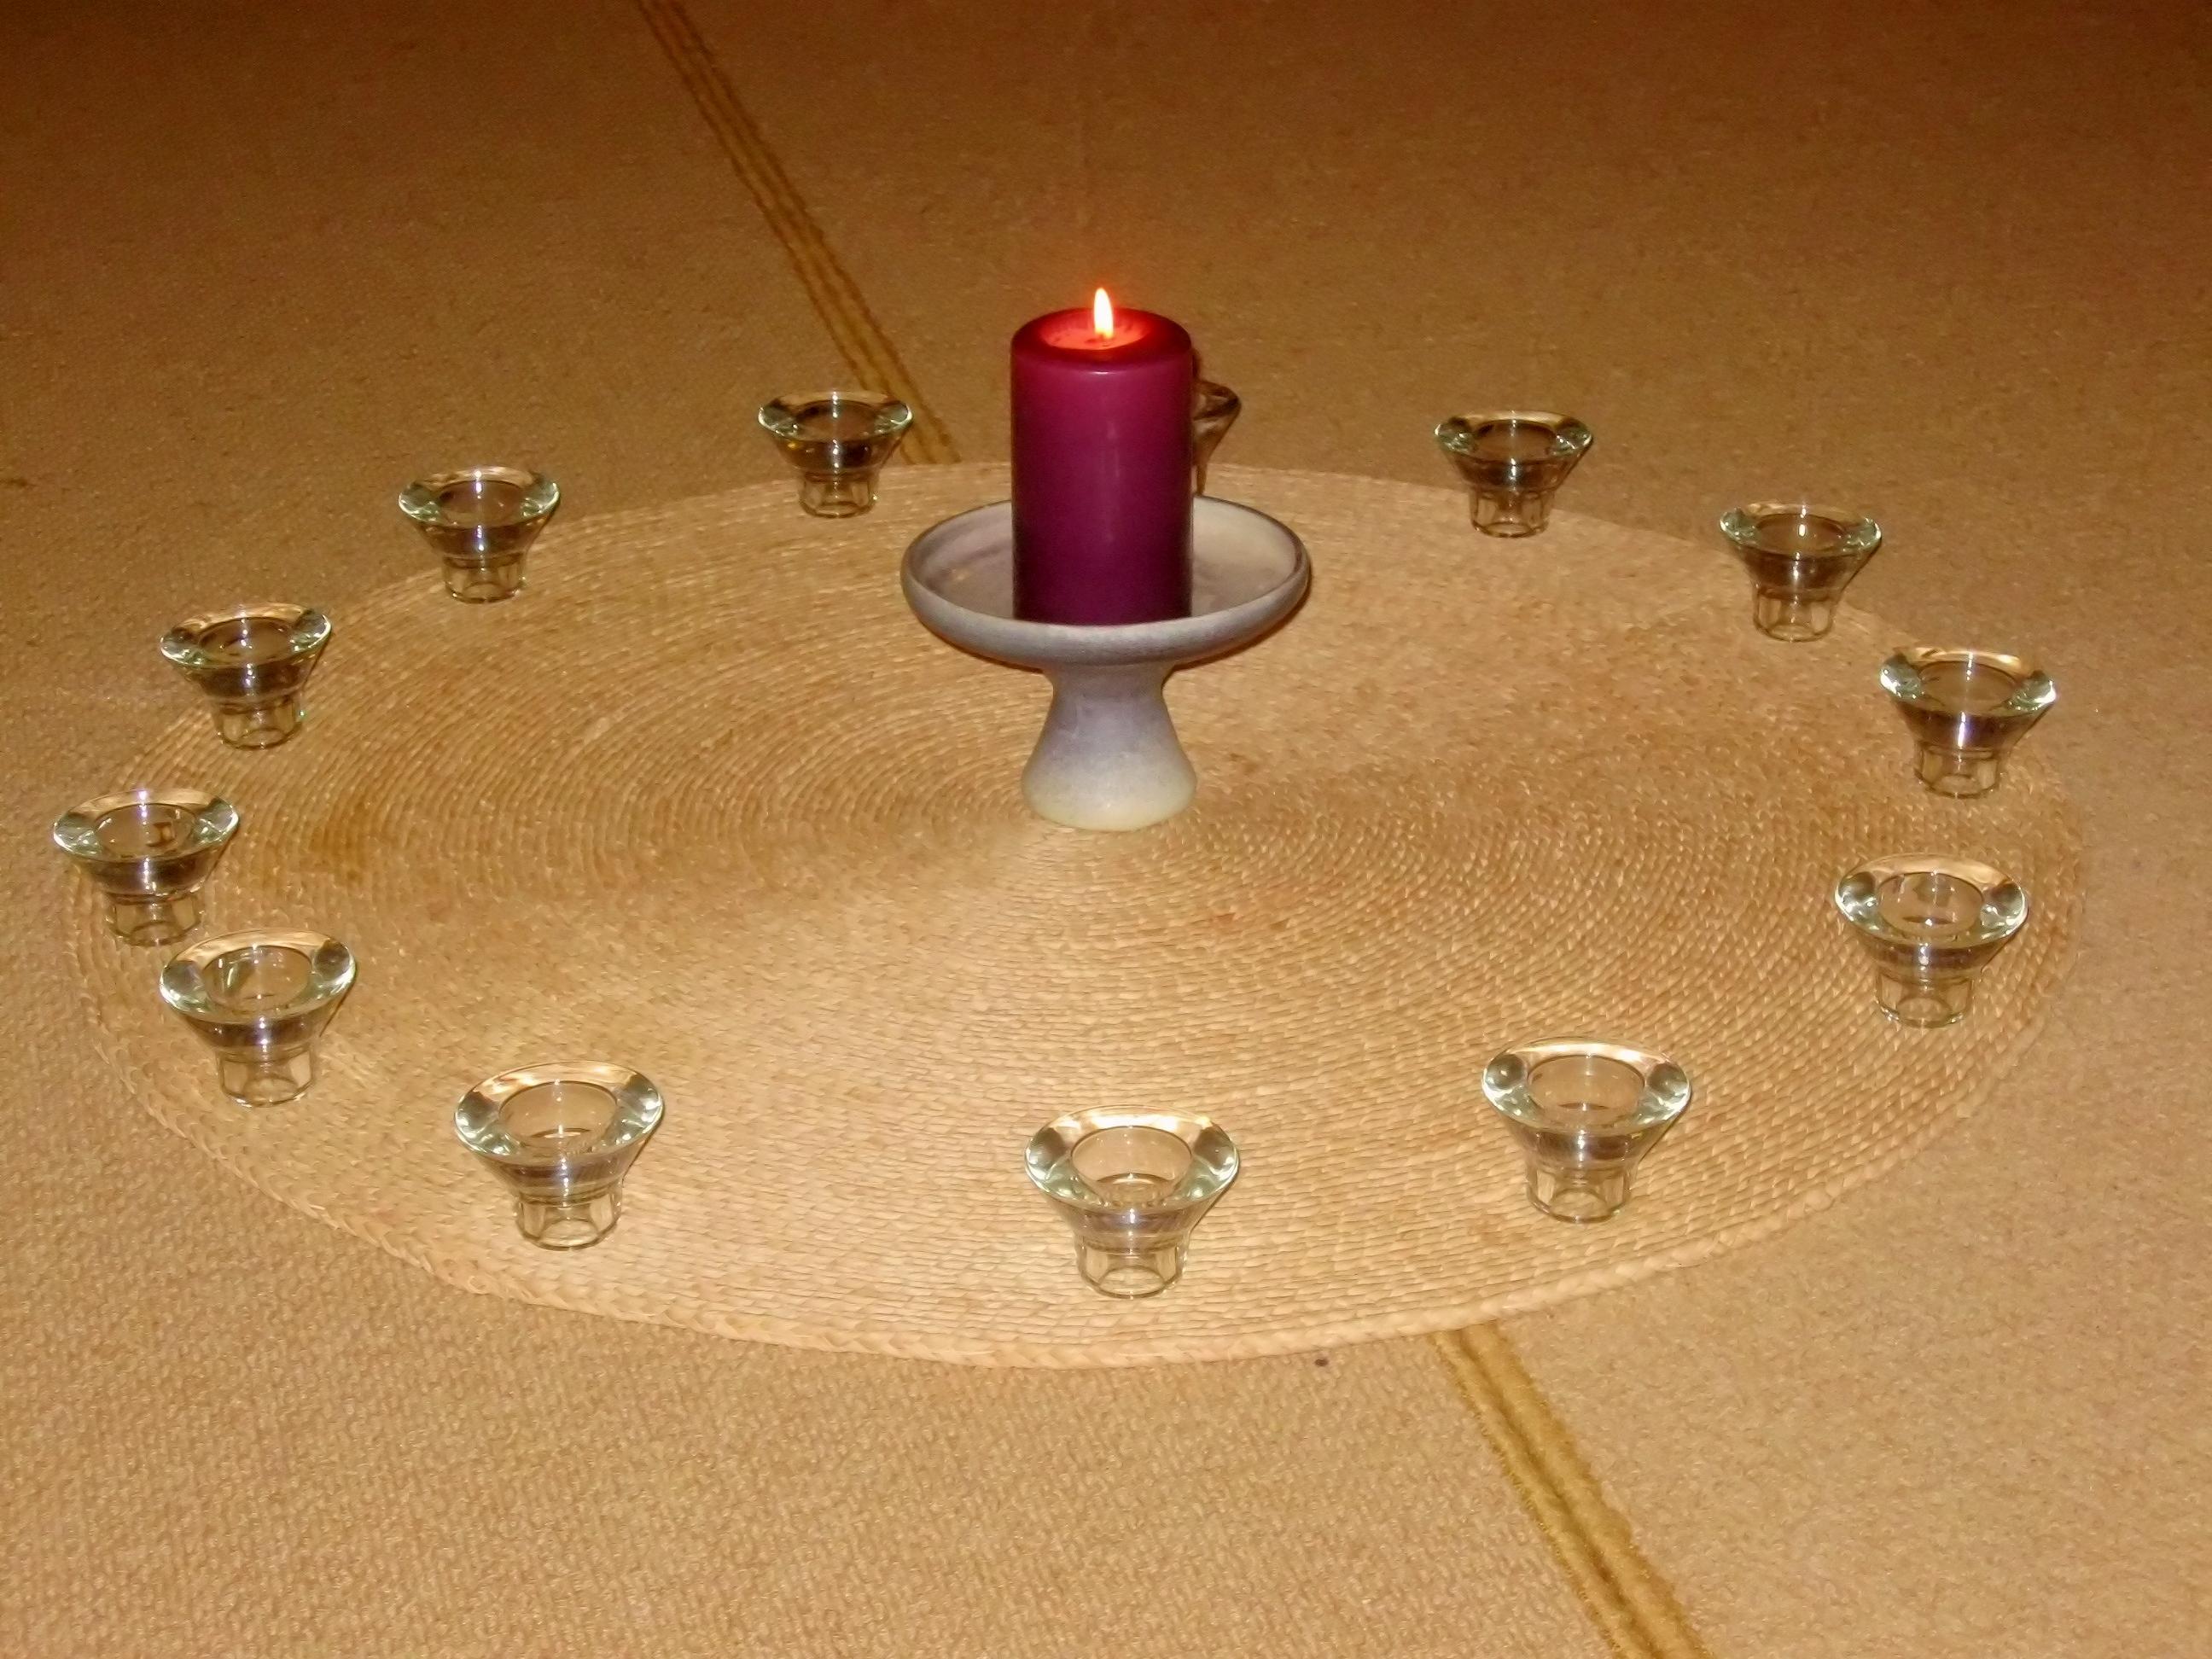 Mitte der Meditationsgruppe Langefeld Immigrath